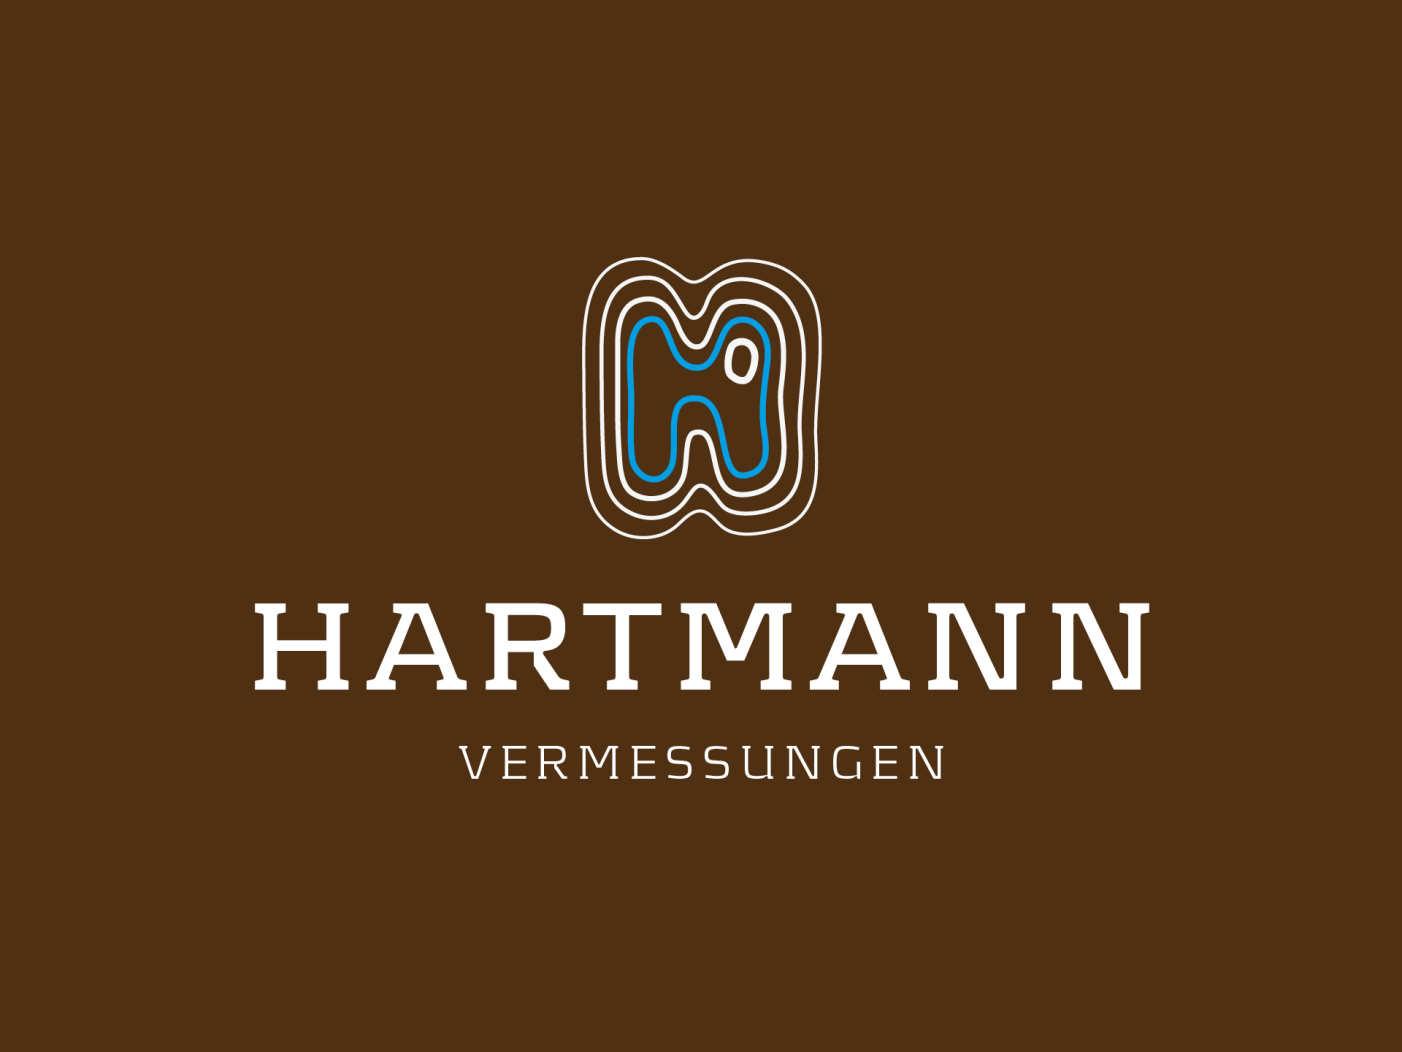 140417_HARTMANN_WebRef_1920x1440